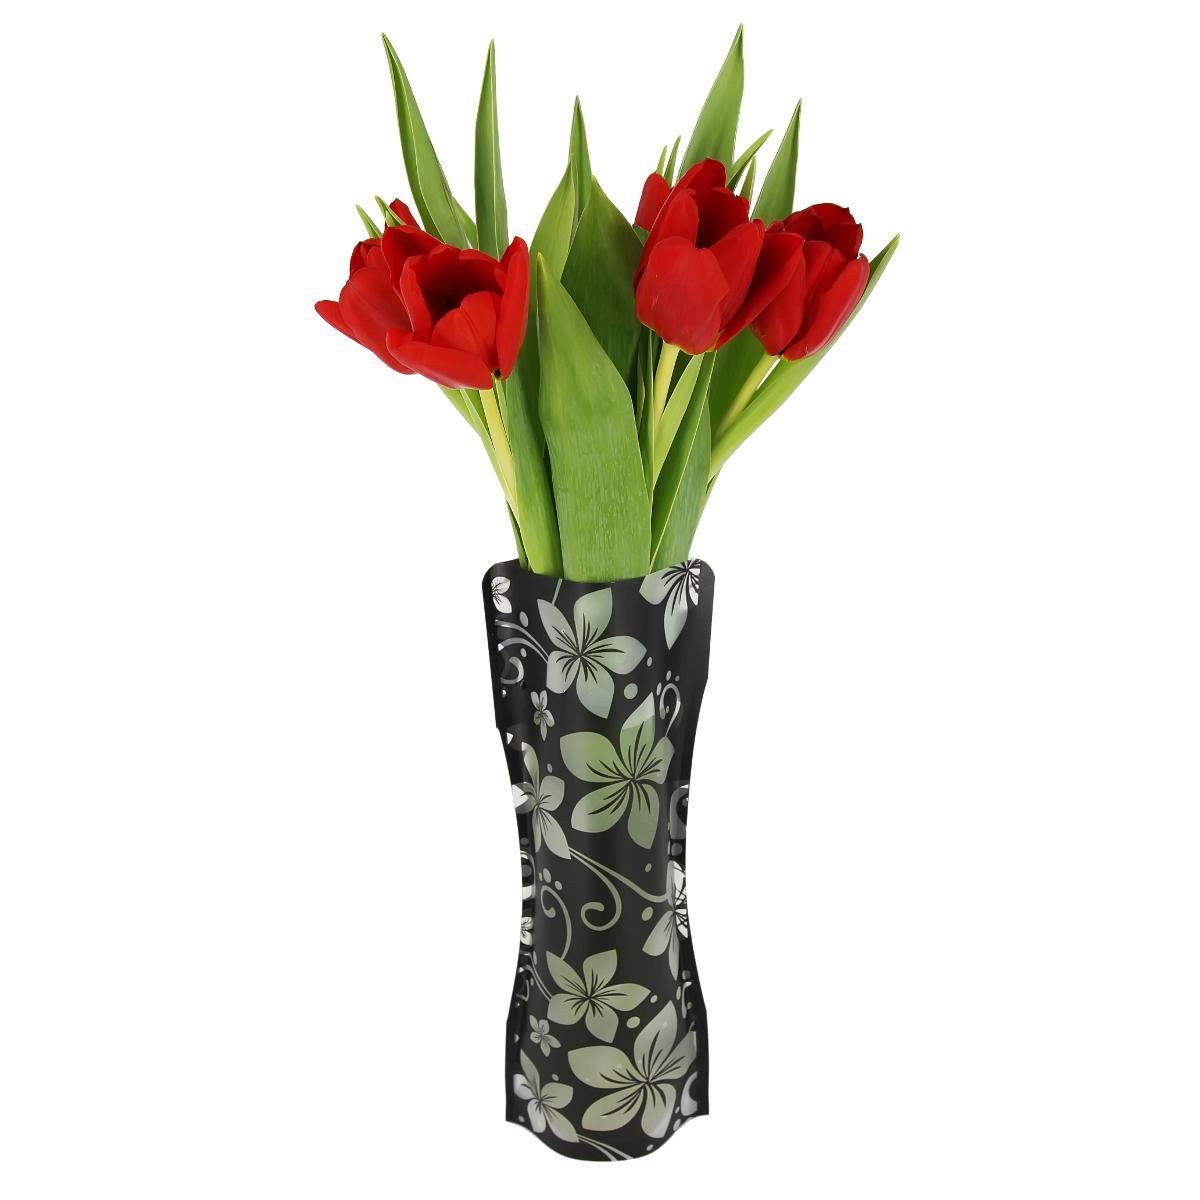 Ваза МастерПроф Черная орхидея, пластичная, 1 лHS.040032Пластичная ваза Черная орхидея легко складывается, удобно хранится - занимает мало места, долго служит. Всегда пригодится дома, в офисе, на даче, для оформления различных меропритятий. Отлично подойдет для перевозки цветов, или просто в подарок. Инструкция: 1. Наполните вазу теплой водой; 2. Дно и стенки расправятся; 3. Вылейте воду; 4. Наполните вазу холодной водой; 5. Вставьте цветы. Меры предосторожности: Хранить вдали от источников тепла и яркого солнечного света. С осторожностью применять для растений с длинными стеблями и с крупными соцветиями, что бы избежать опрокидывания вазы.